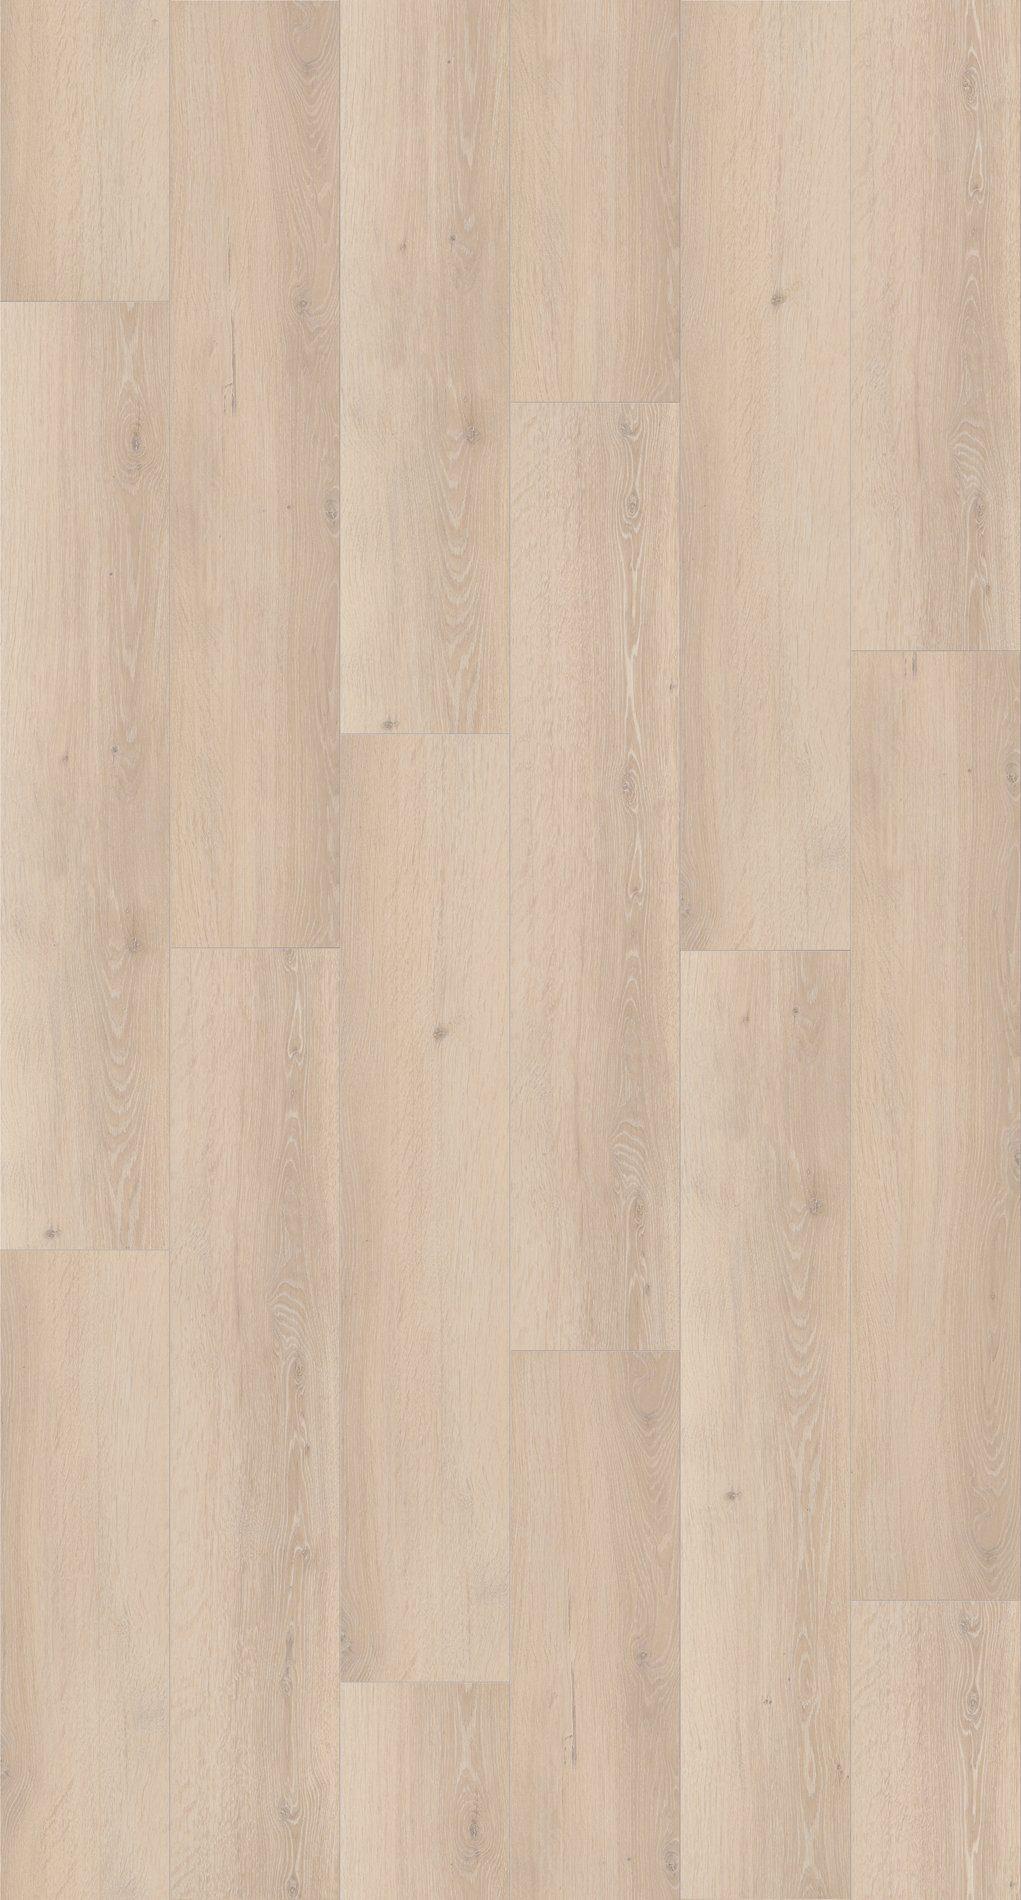 PARADOR Packung: Vinylboden »Basic 2.0 - Eiche Skyline Weiss«, 1229 x 229 x 2 mm, 4,5 m²